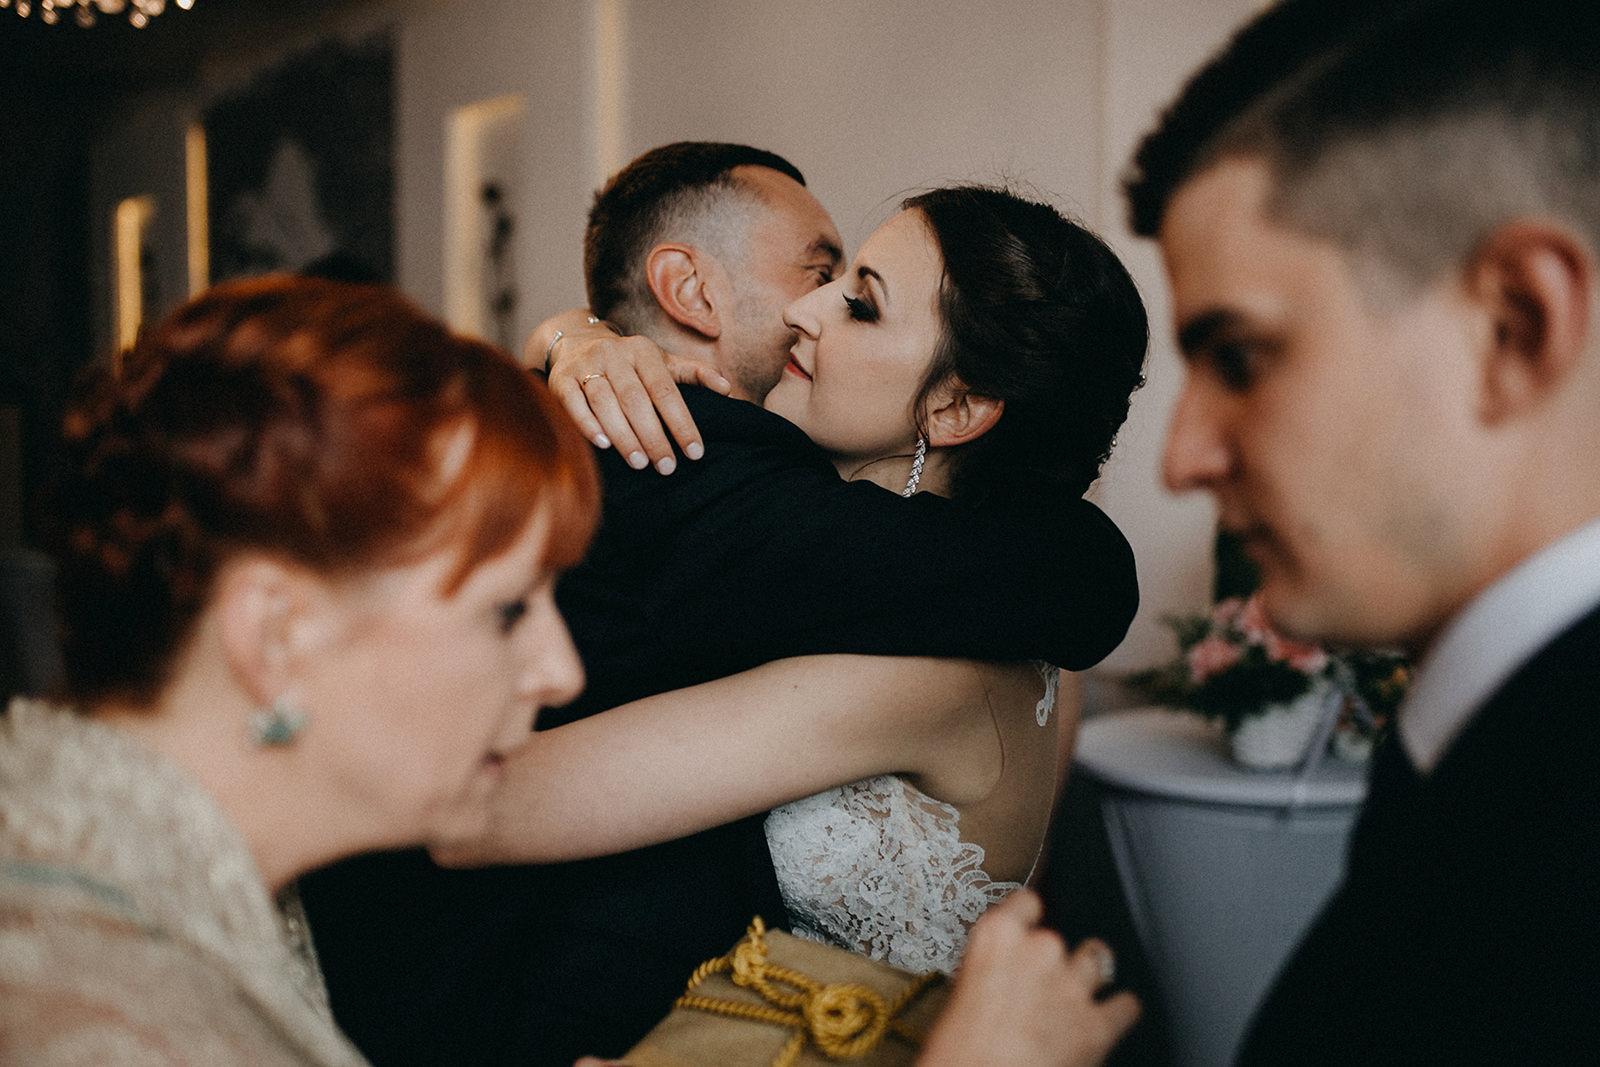 100_opolskie_fotografia_slubna_sala_weselna_dworek_rozany_namyslow.jpg